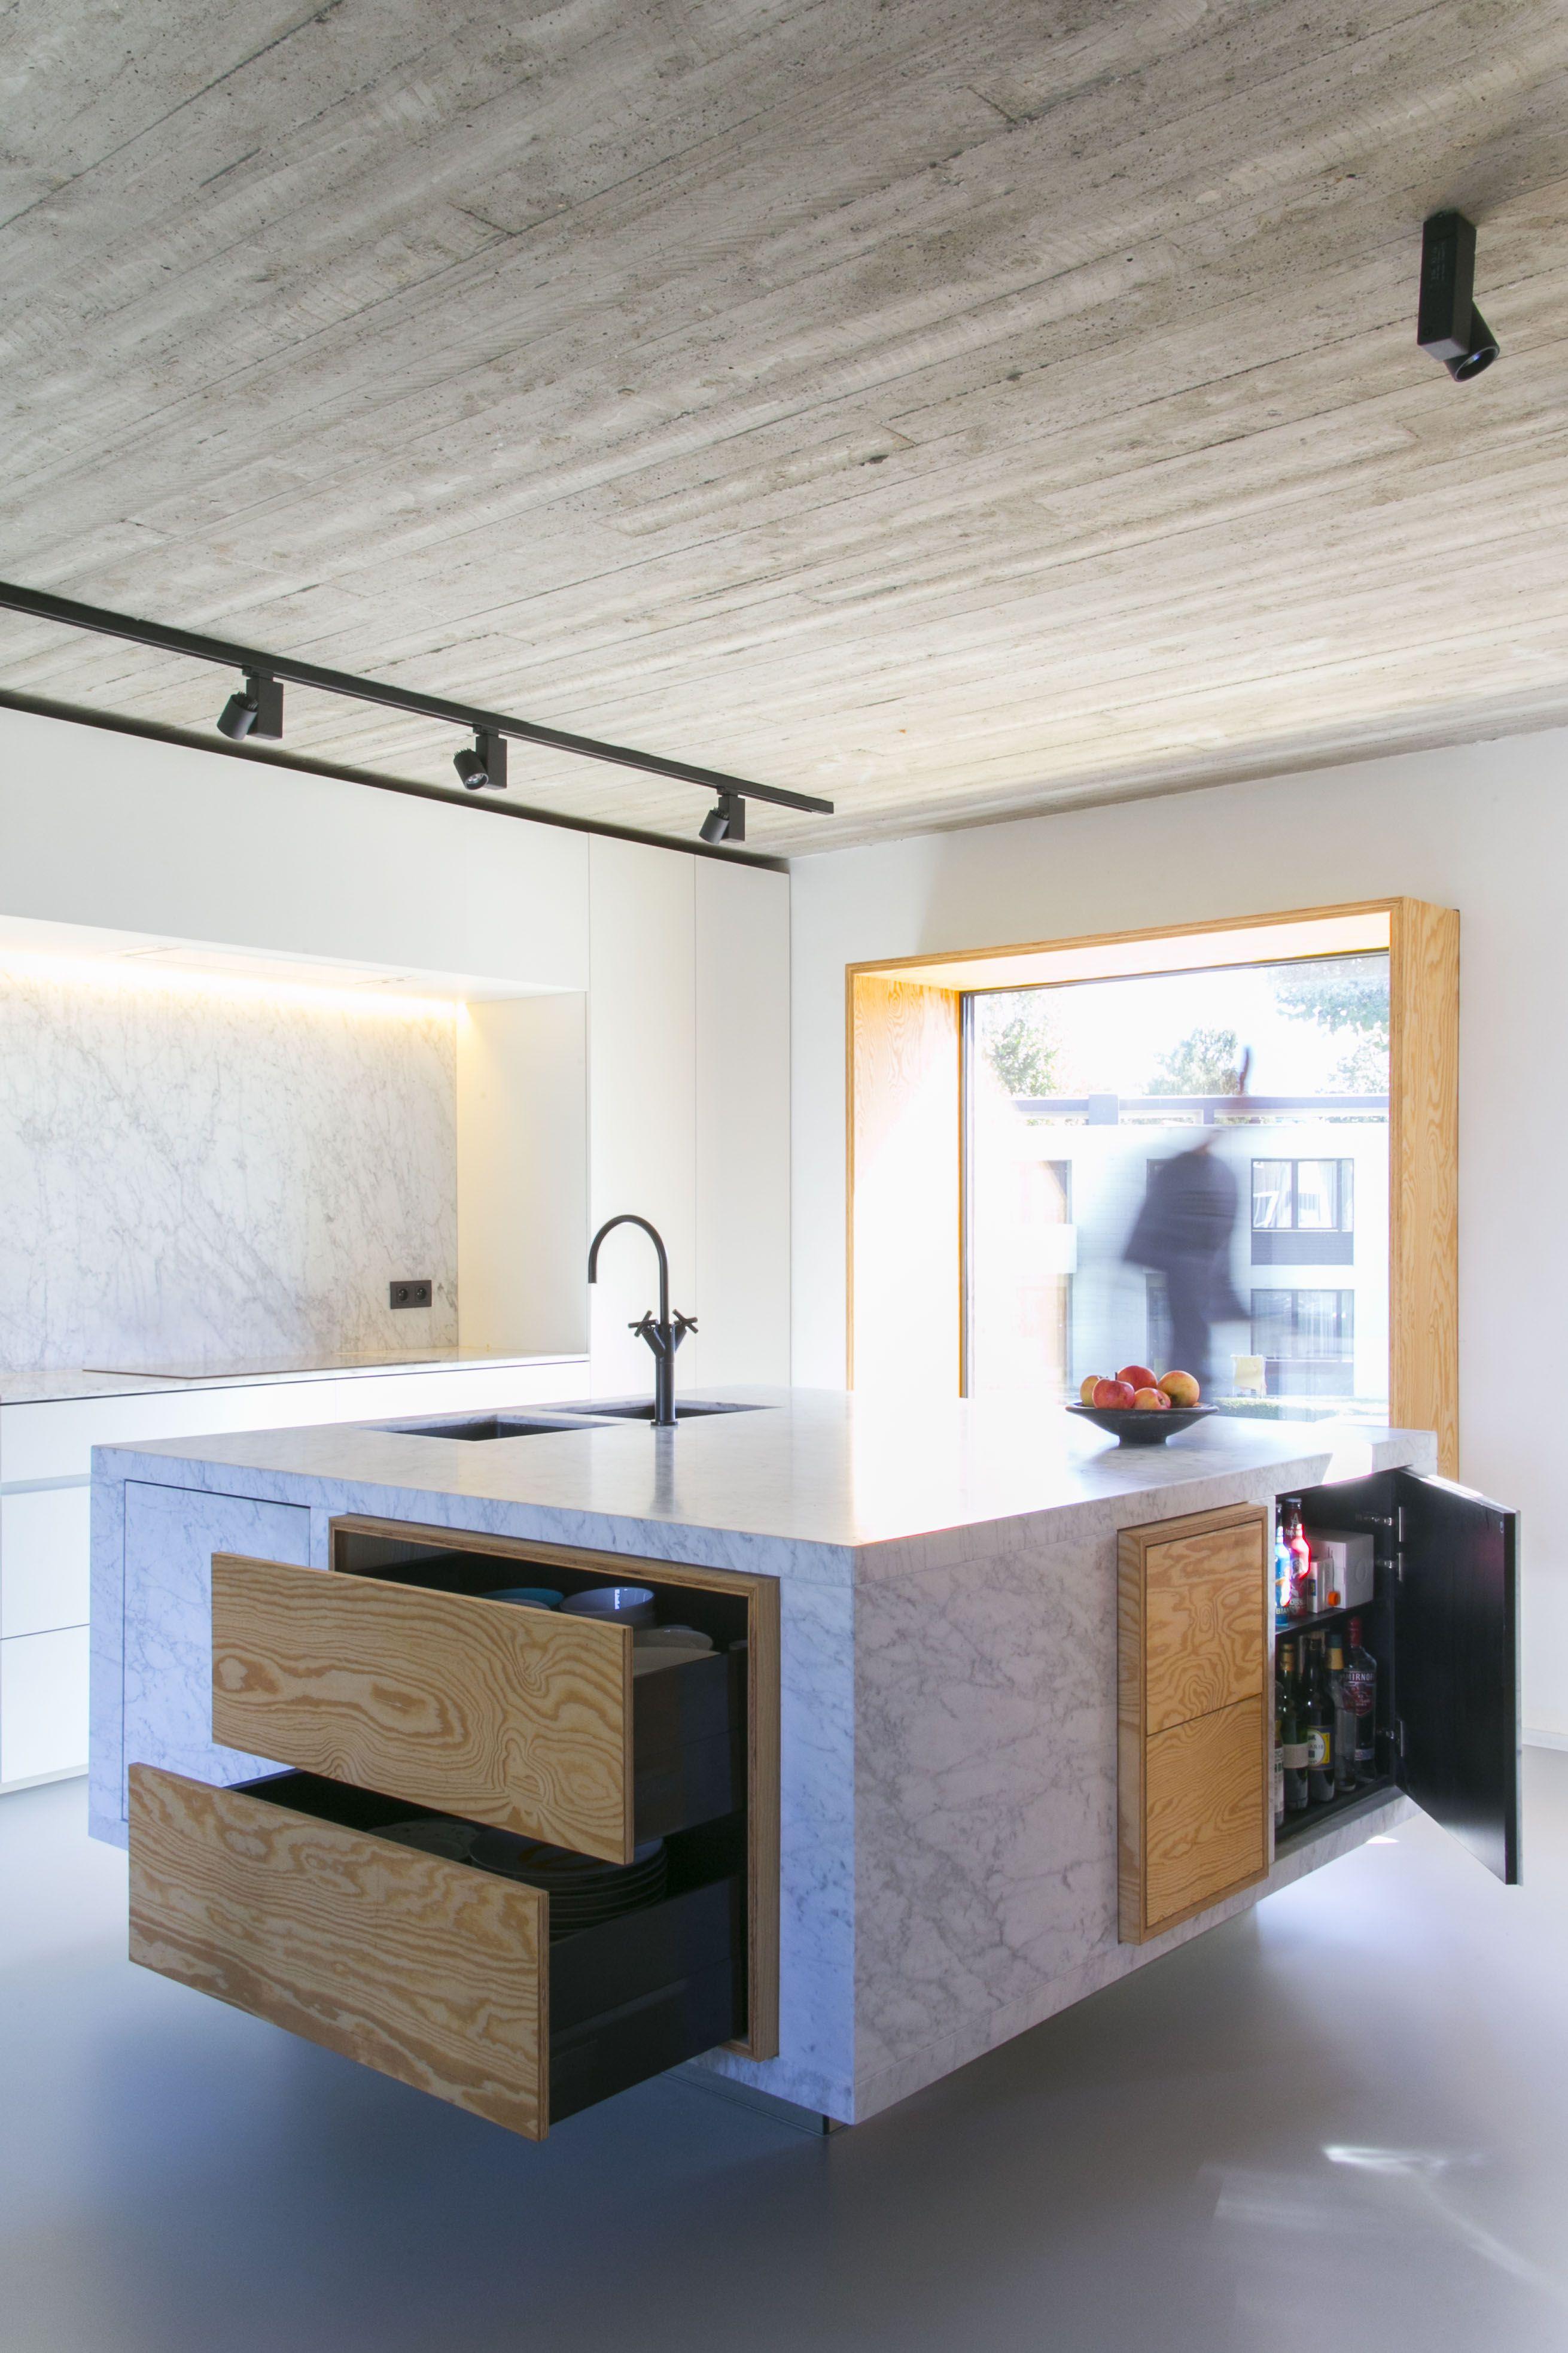 kitchen island design marble black Dornbracht tap pine plywood white ...